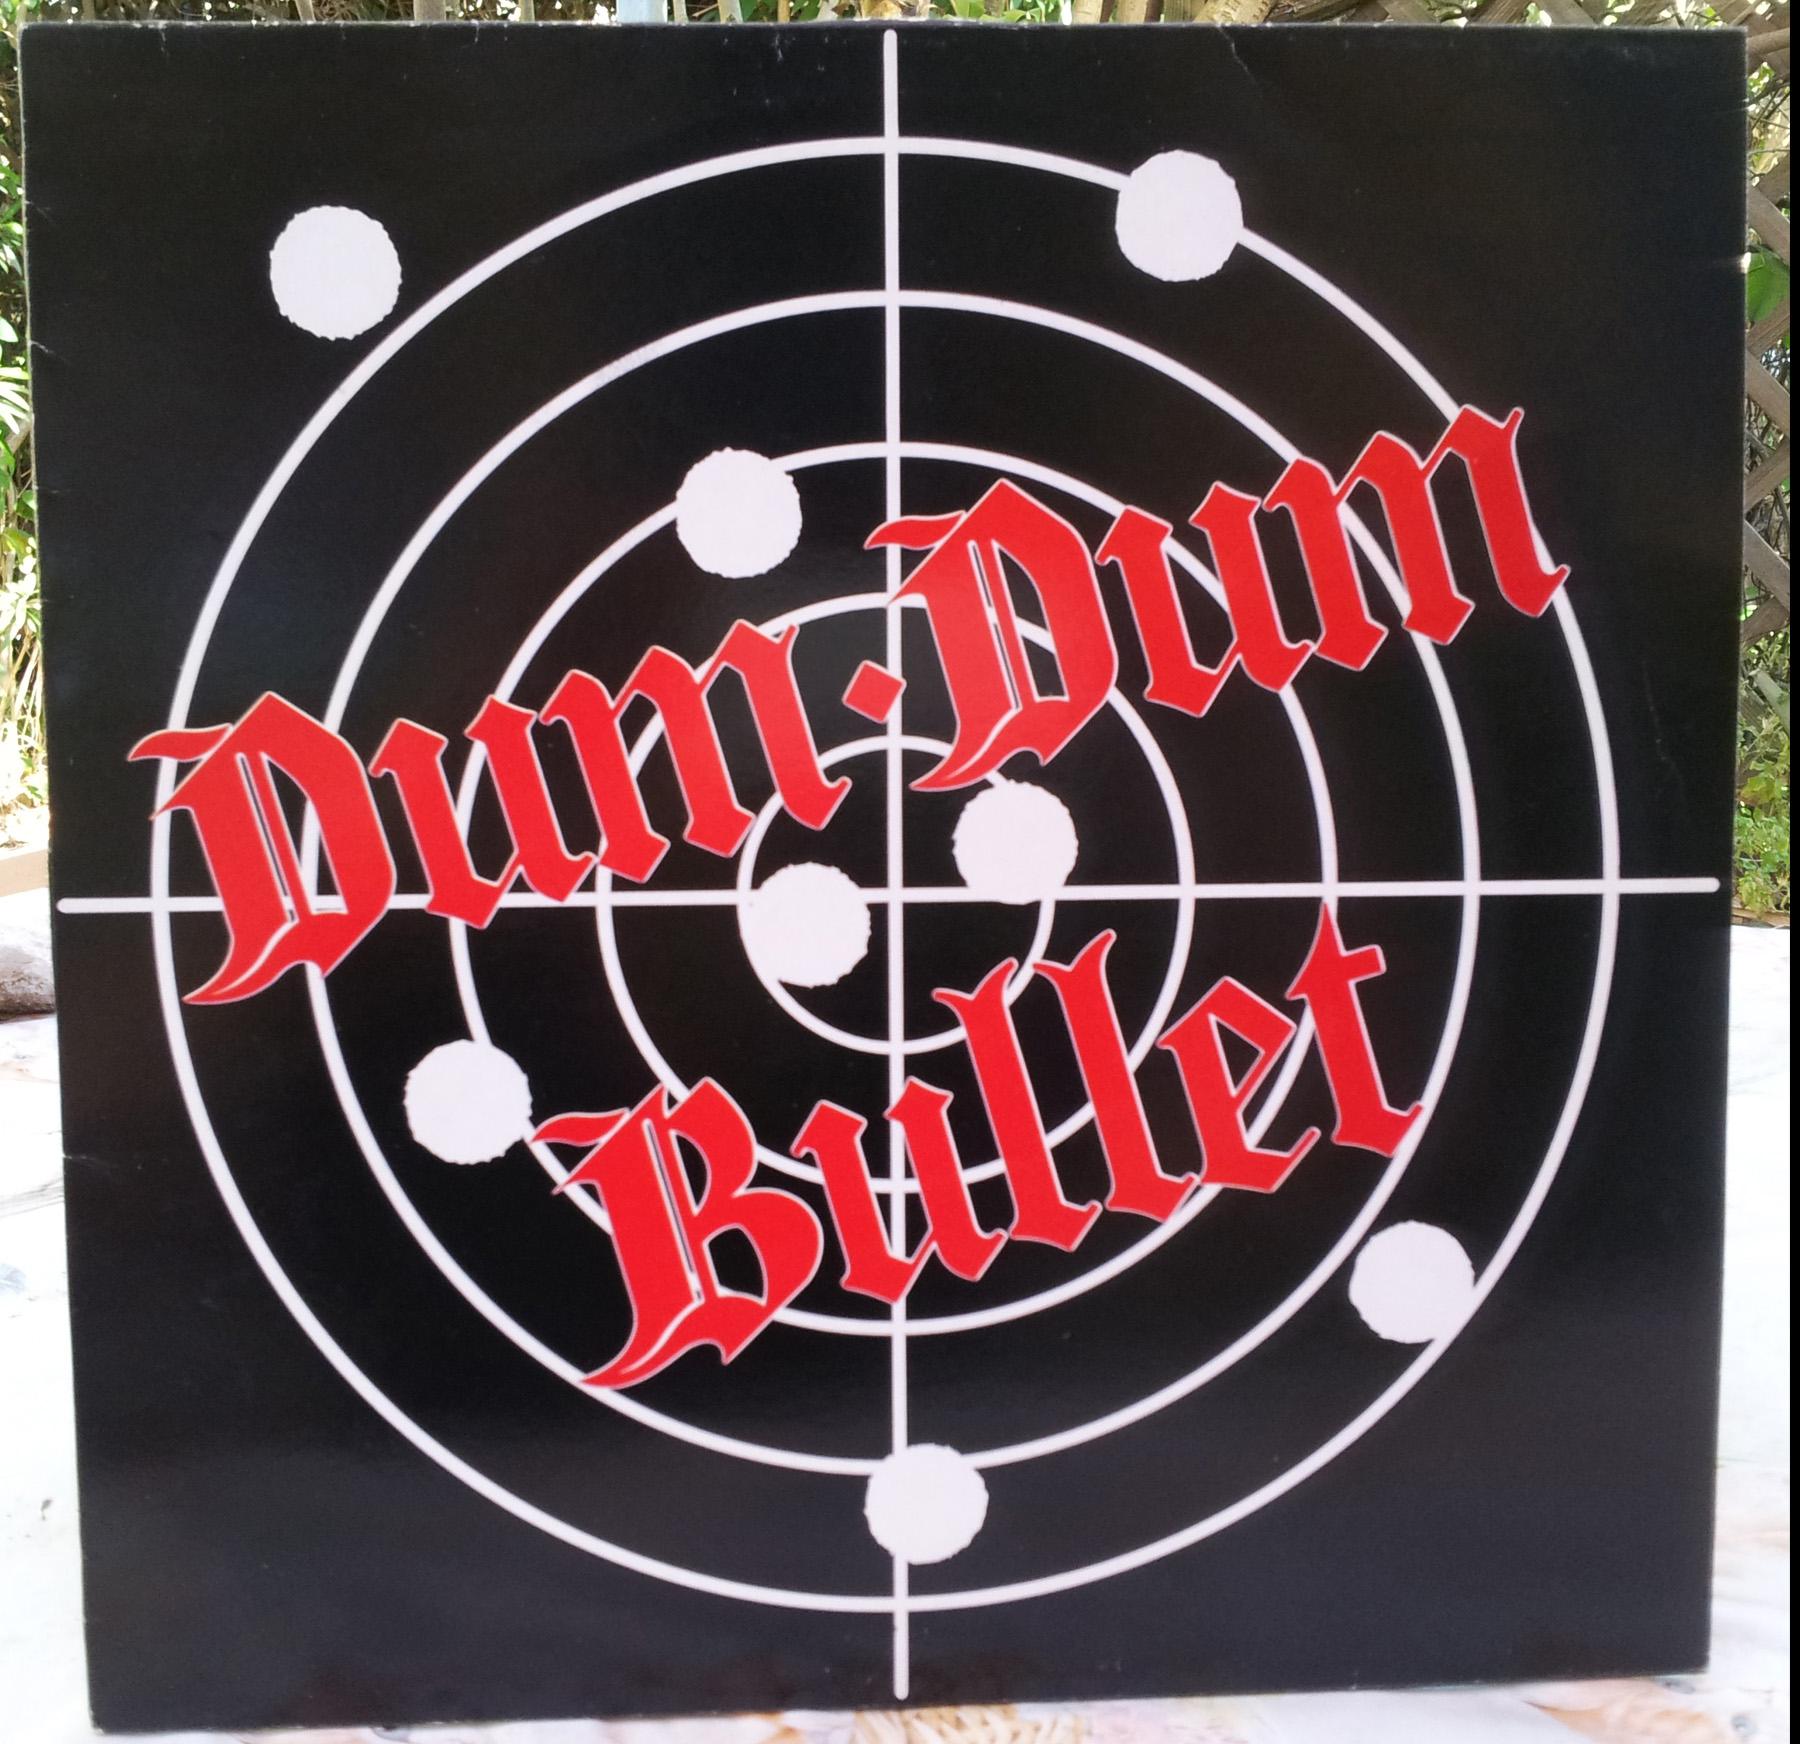 DUM DUM BULLET 1er album (1986) 33 tours - le vinyle vu de plus près ...   Dum_du11